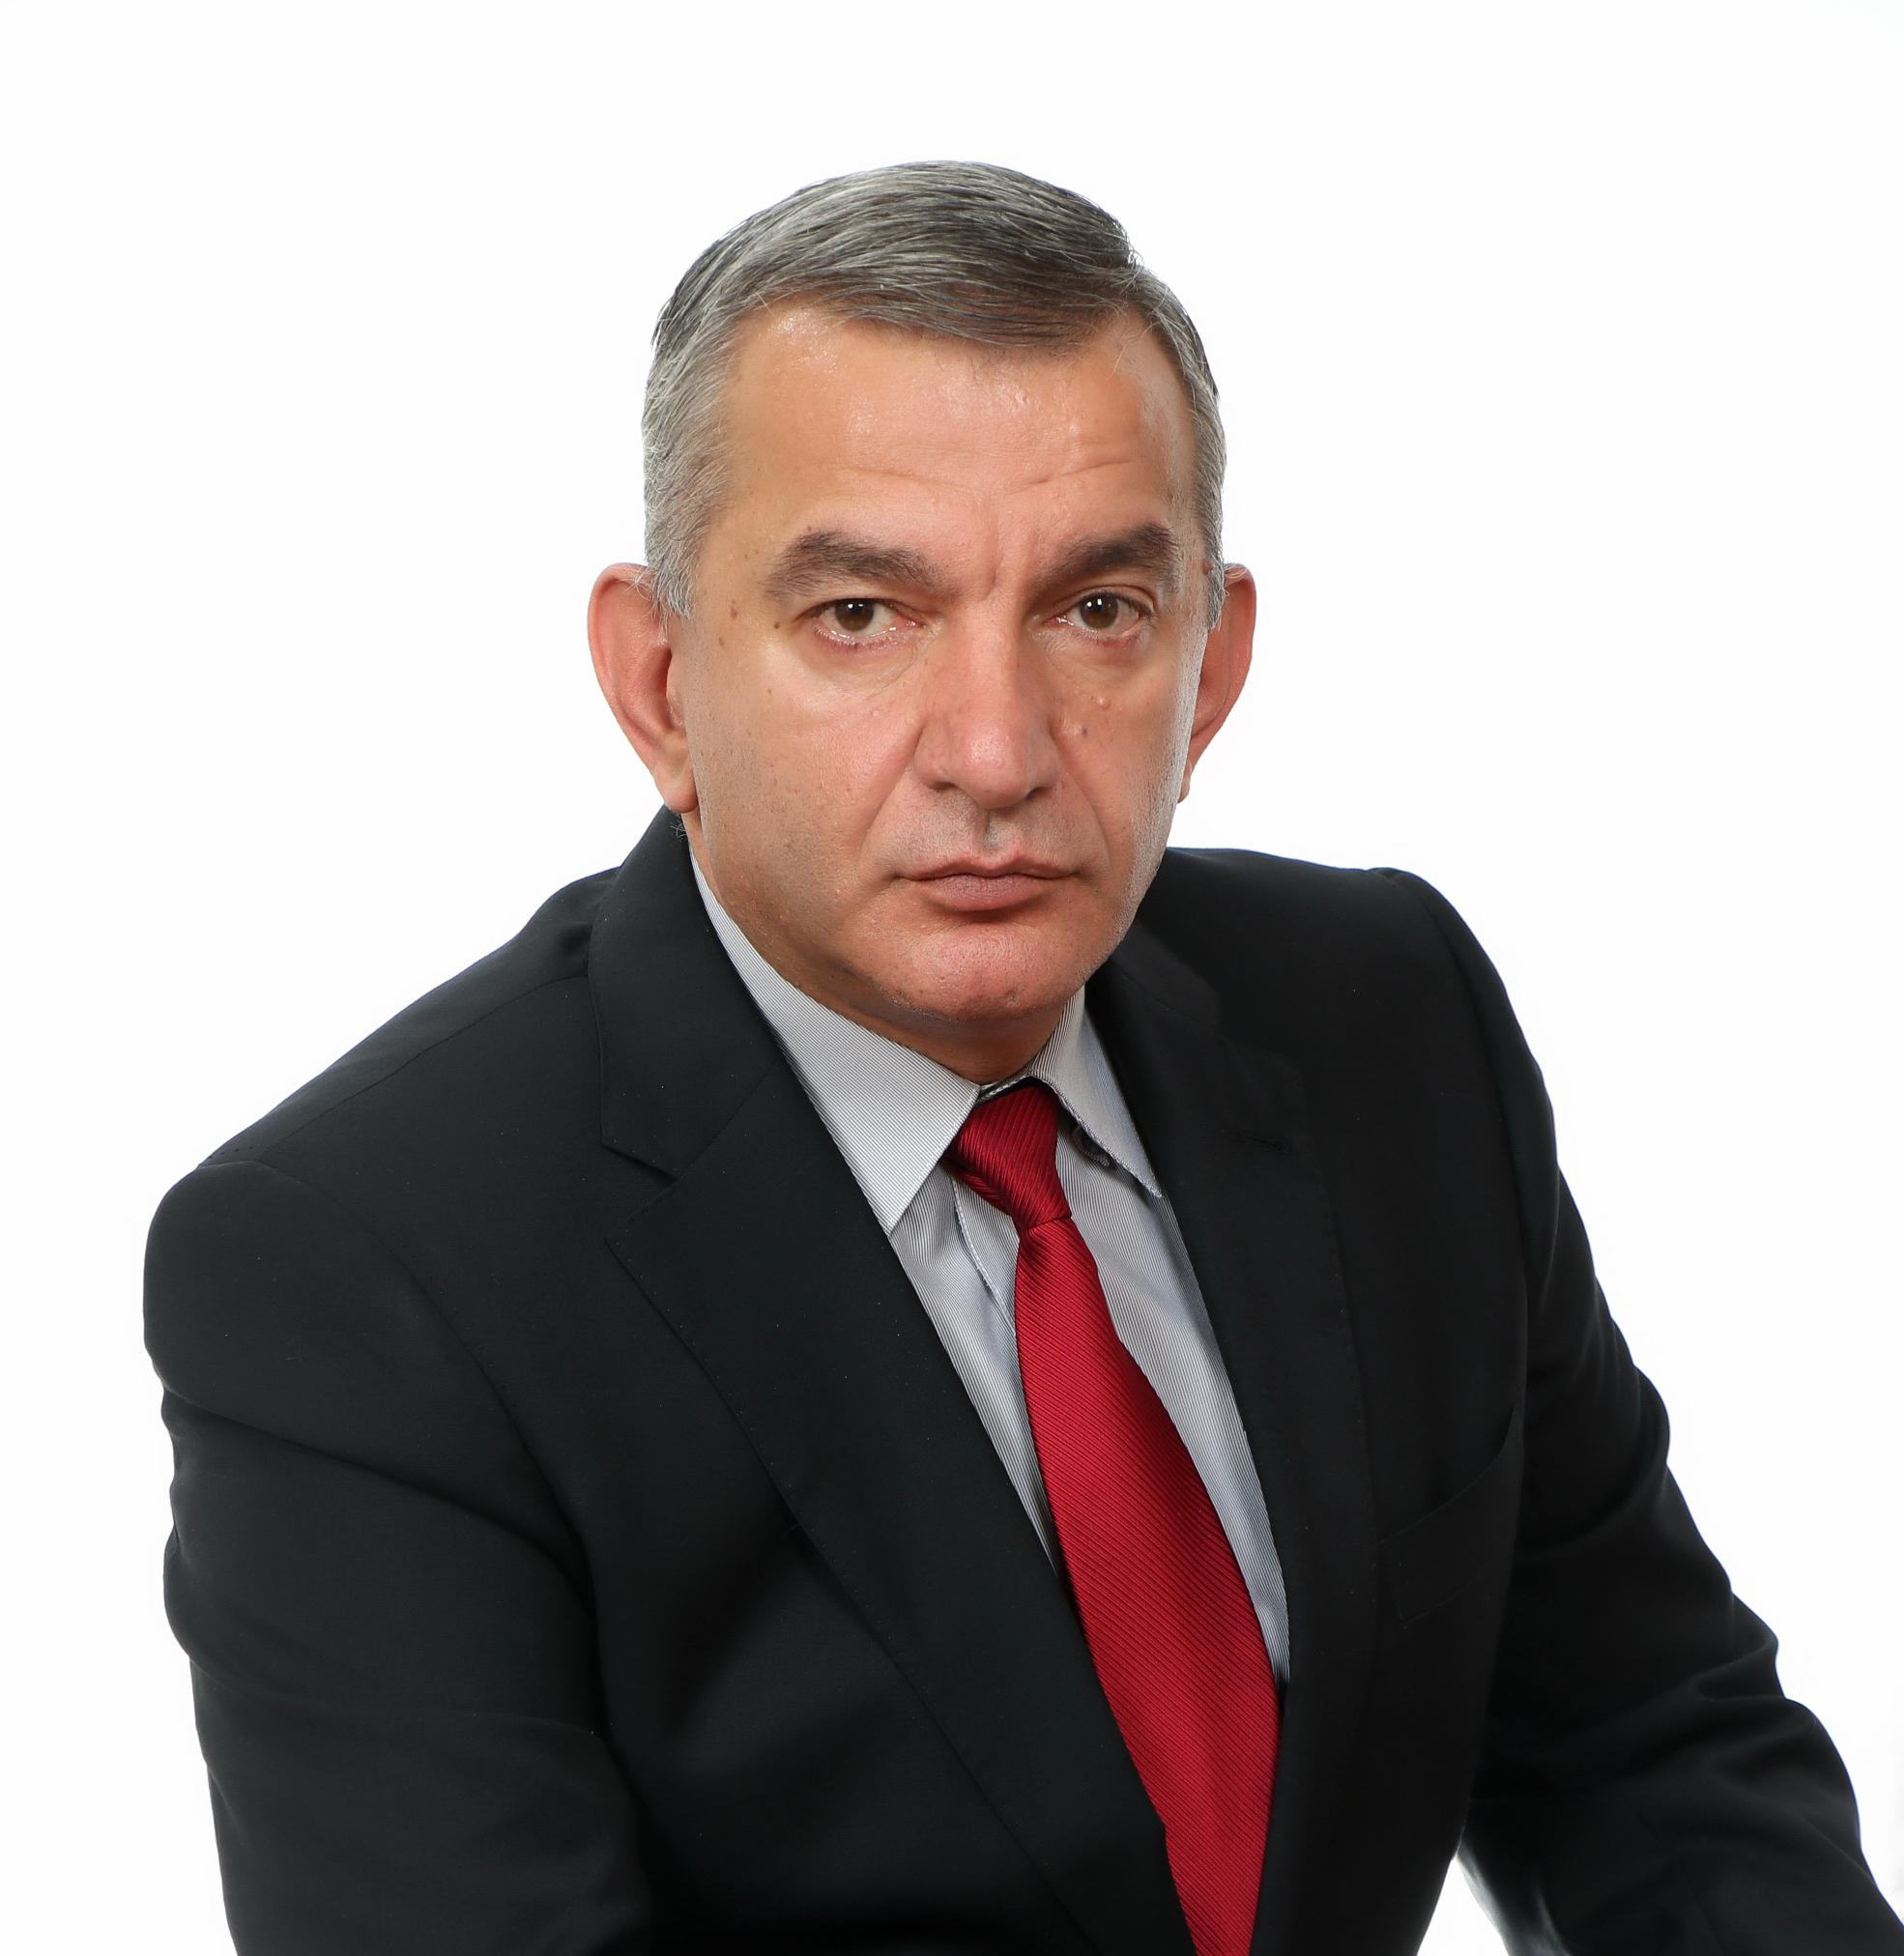 Արտակ Գալստյանի ուղերձը ՀՀ քաղաքացիներին